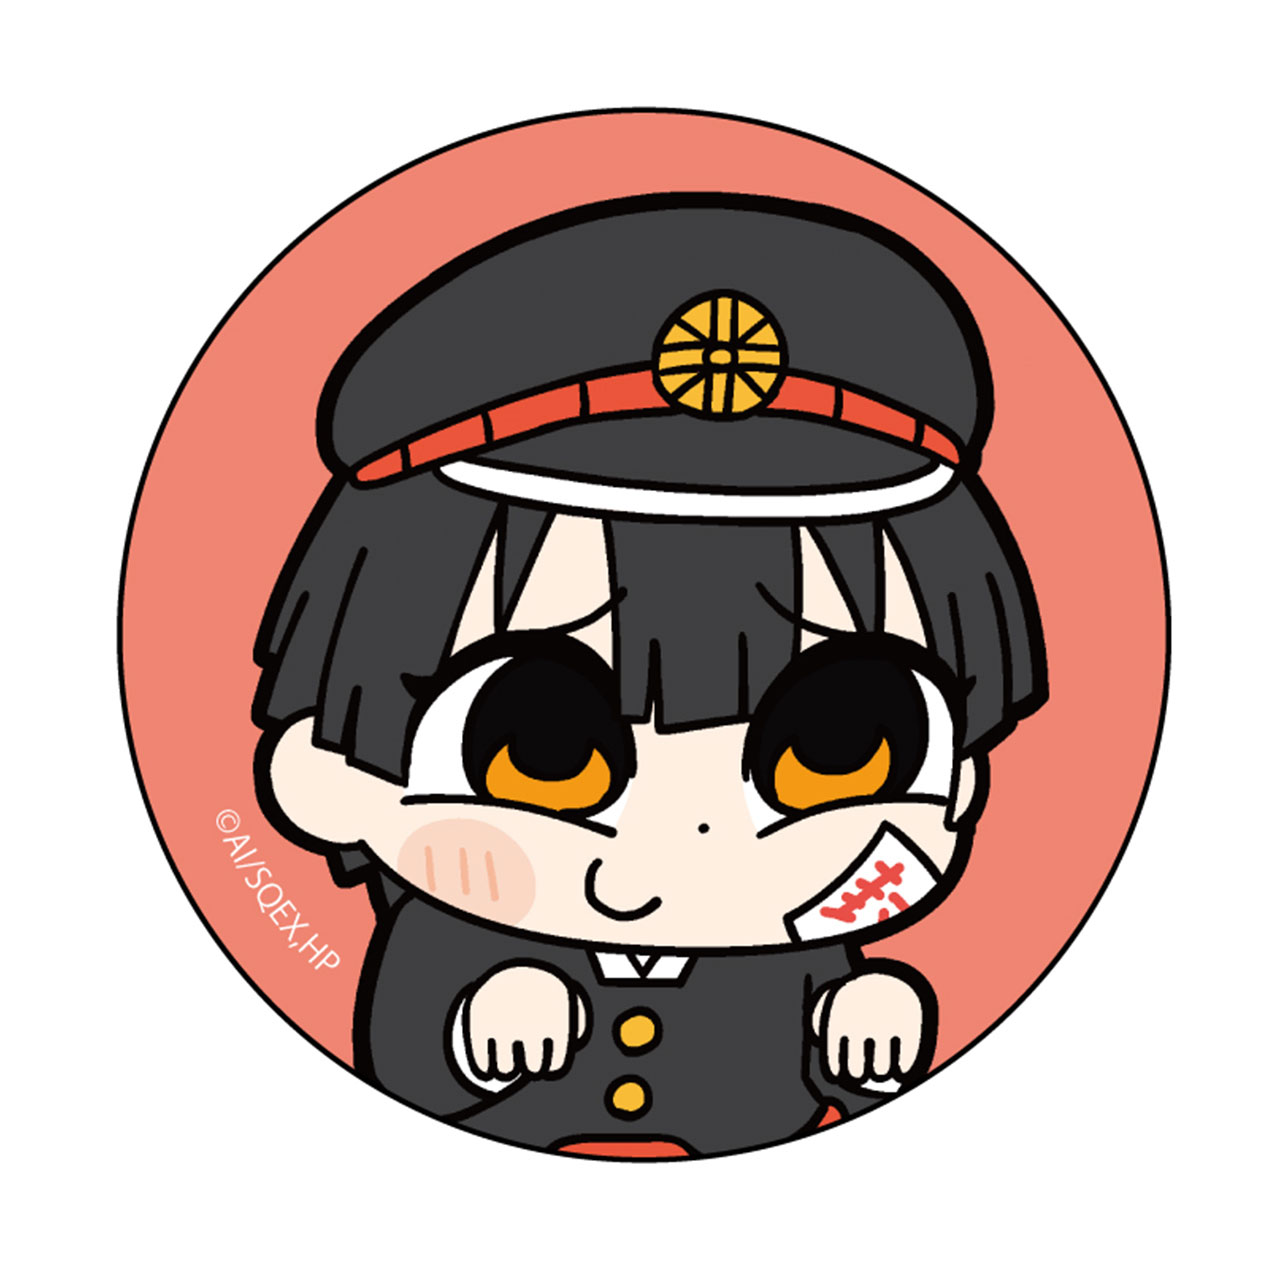 大川ぶくぶ先生描き起こし 花子くん②缶バッジ